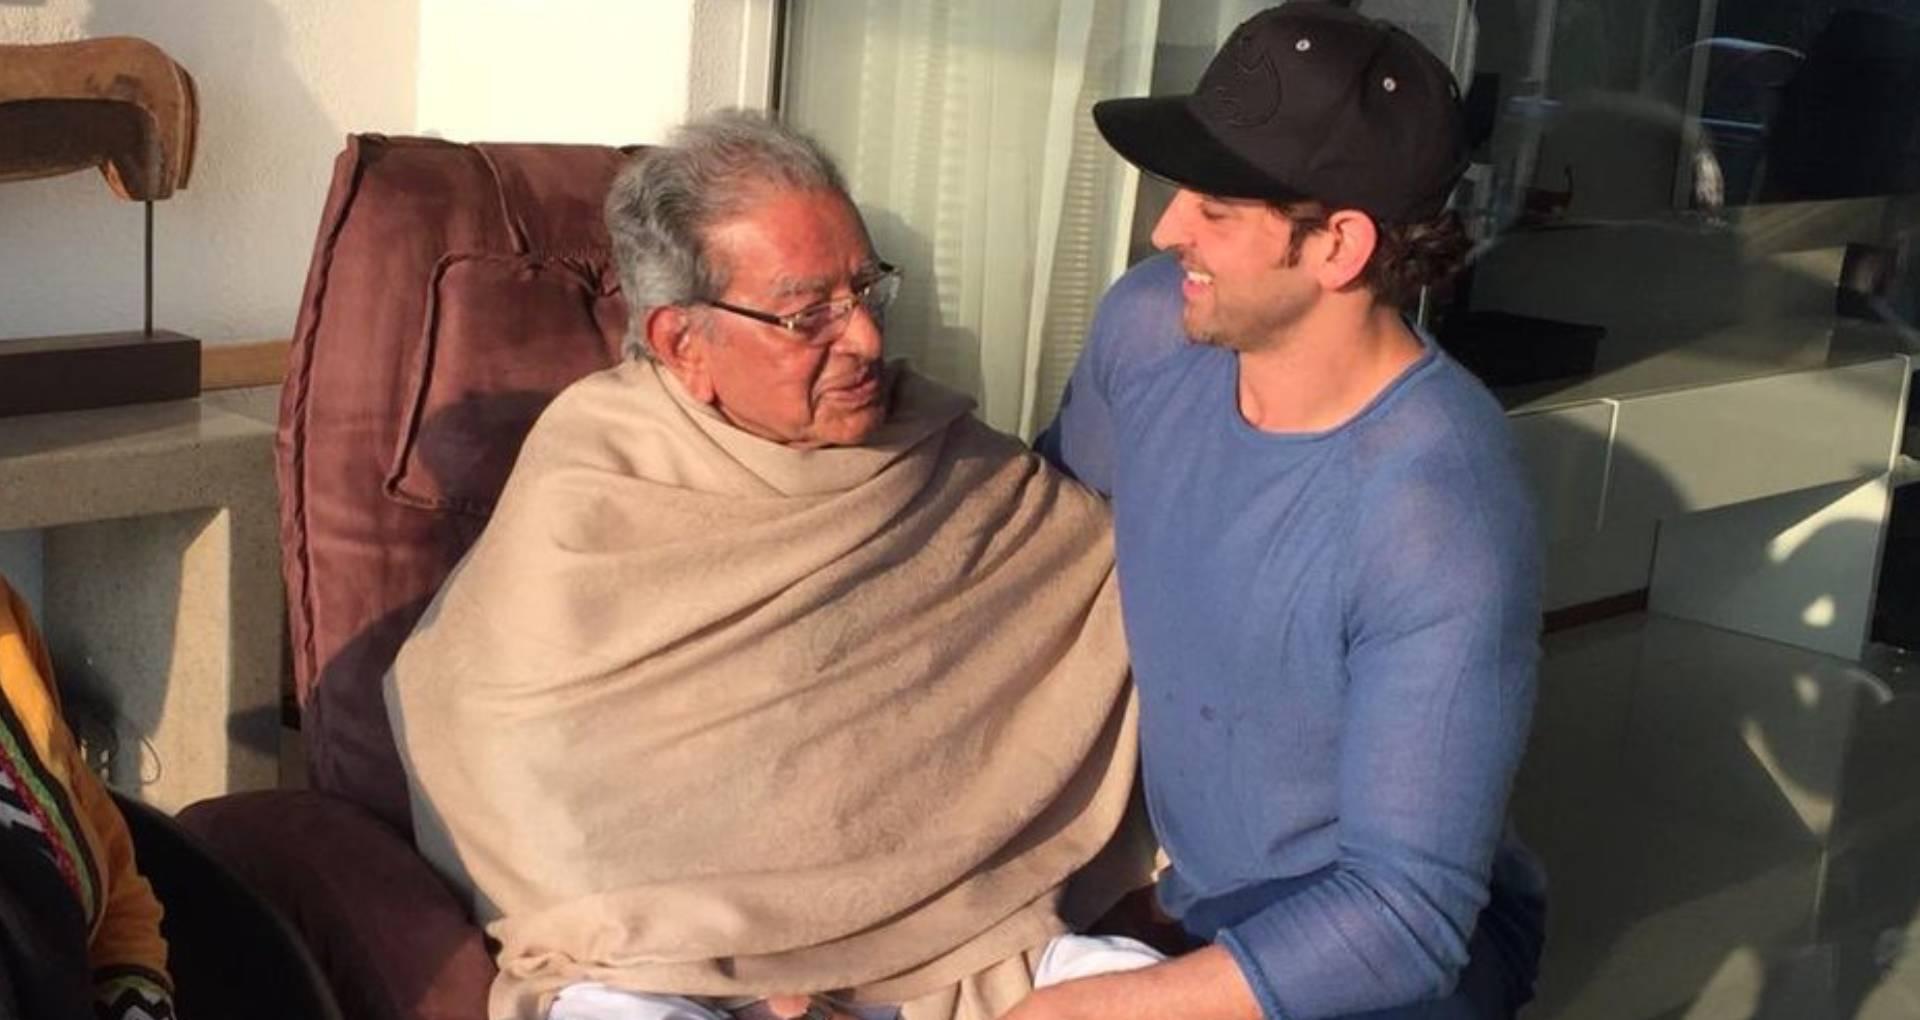 ऋतिक रोशन के नाना और फिल्ममेकर जे ओम प्रकाश का निधन, बॉलीवुड में शोक की लहर